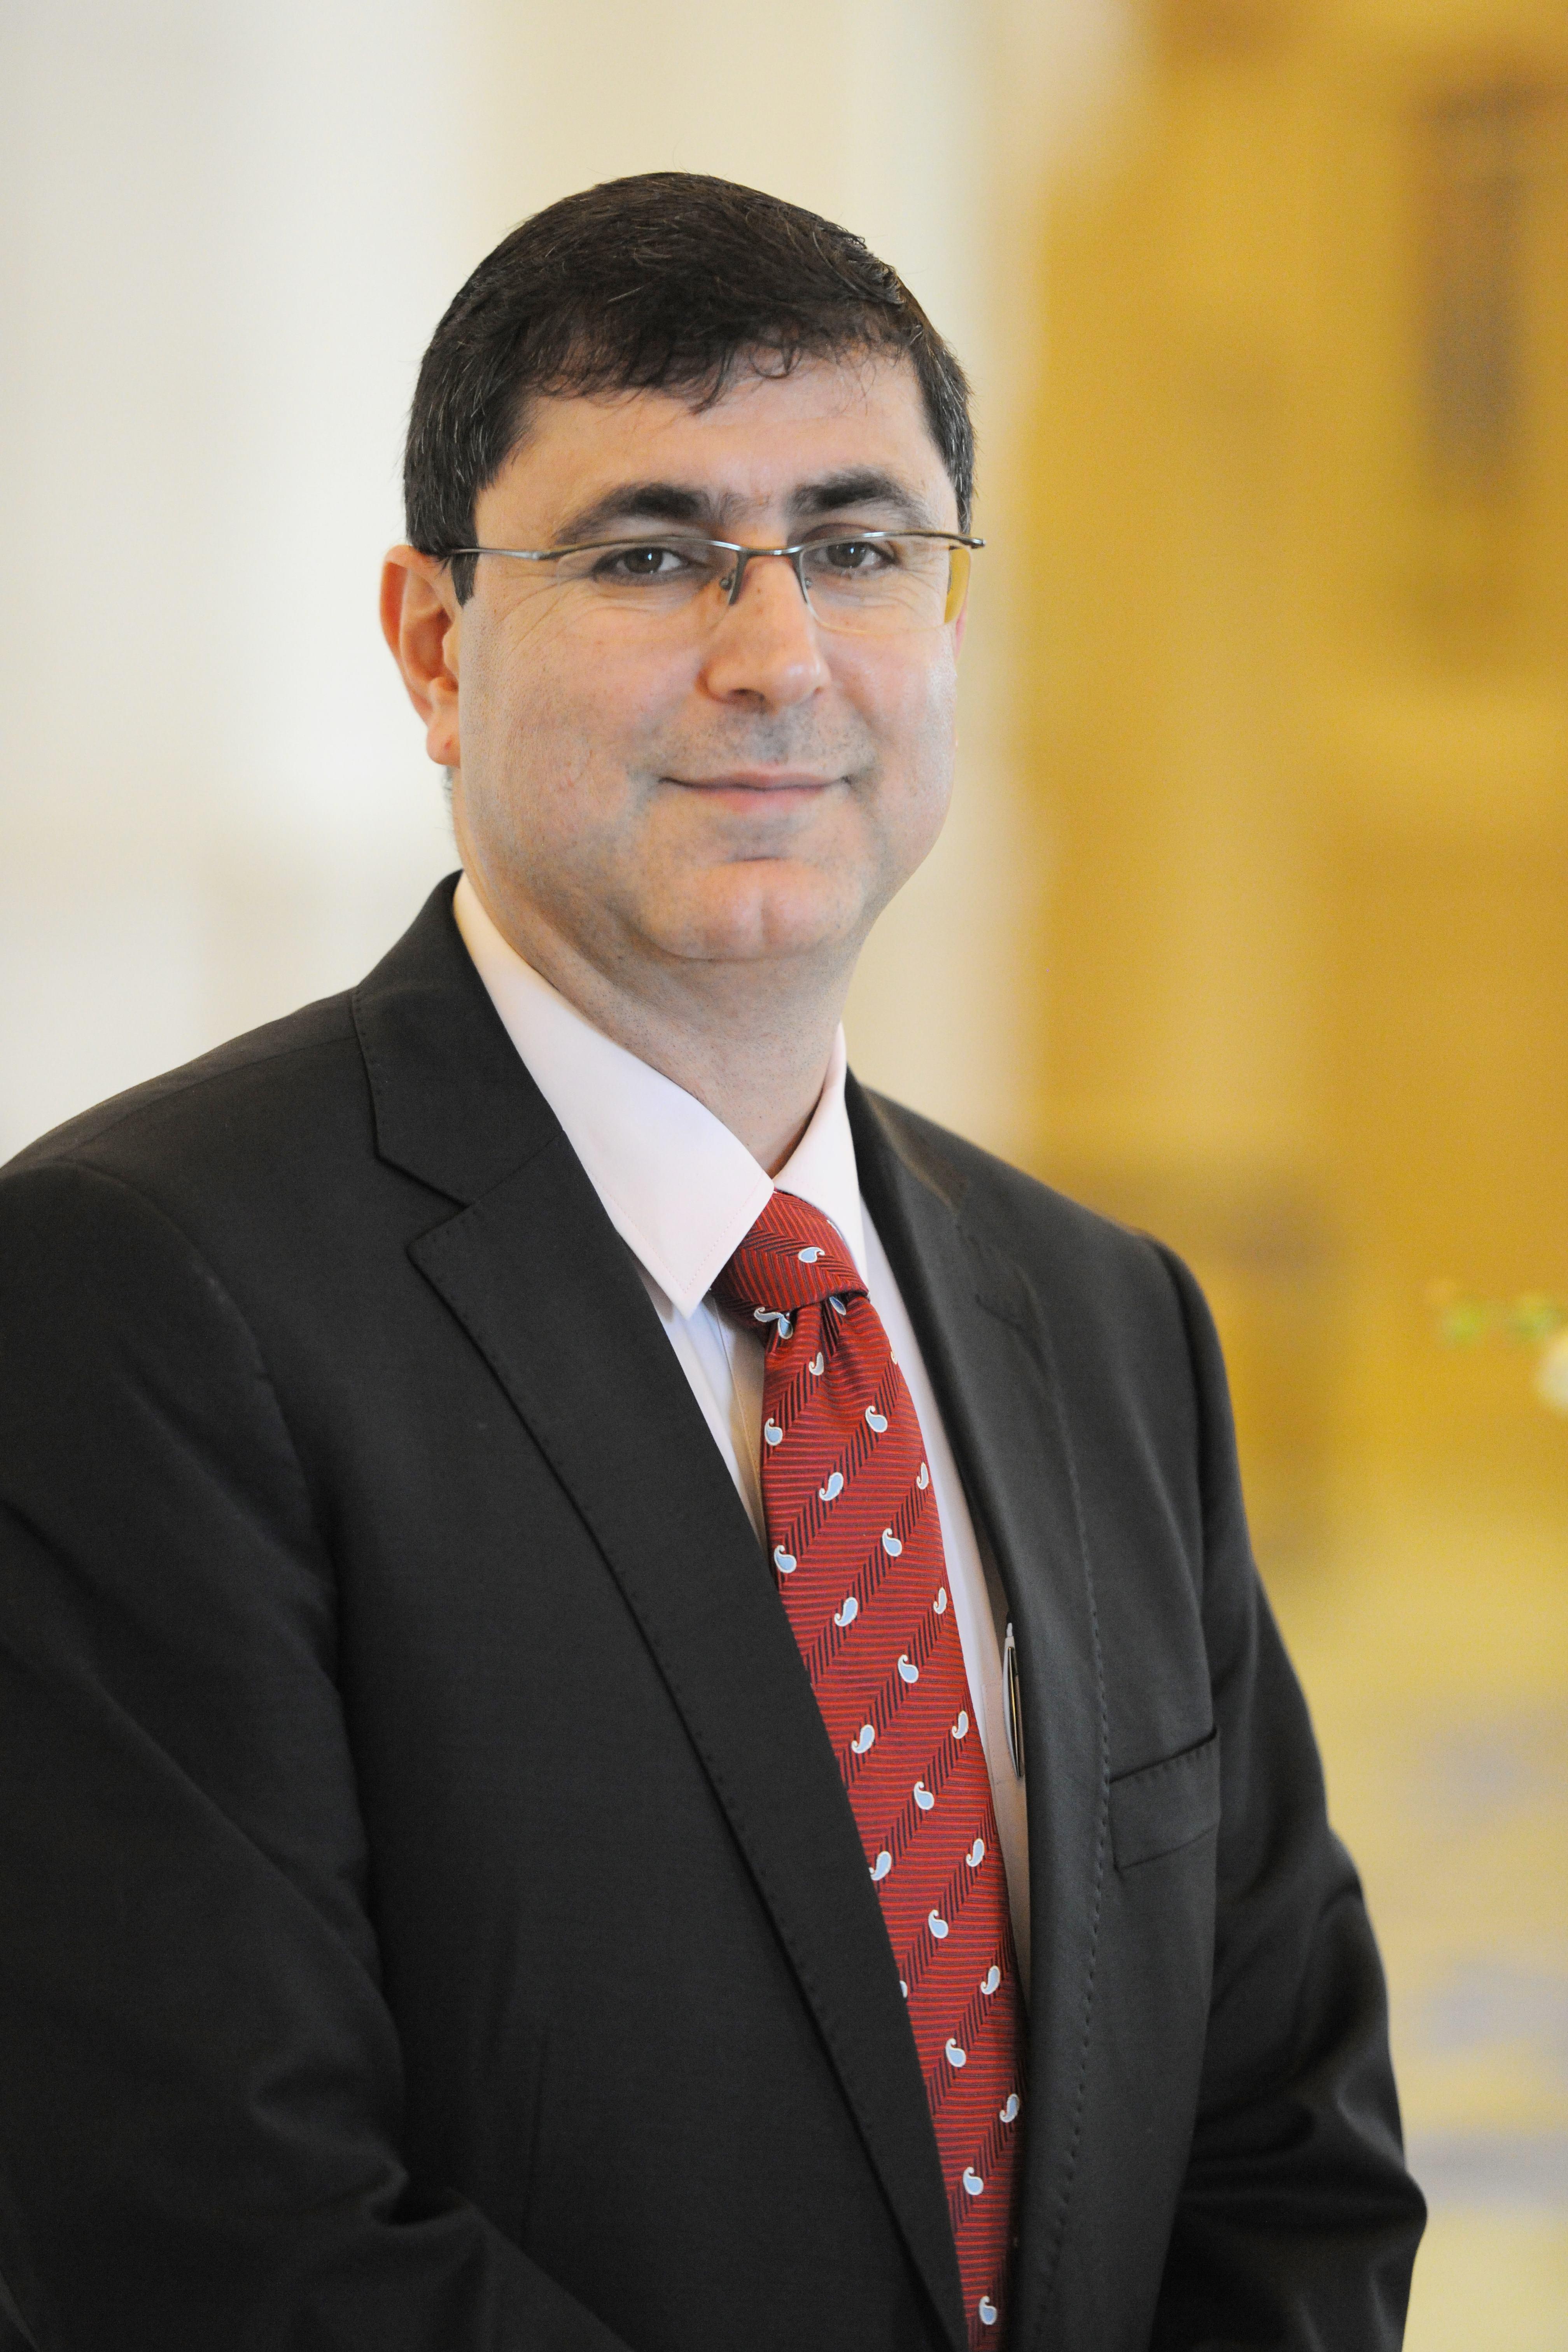 Fareed Al Haddad headshot